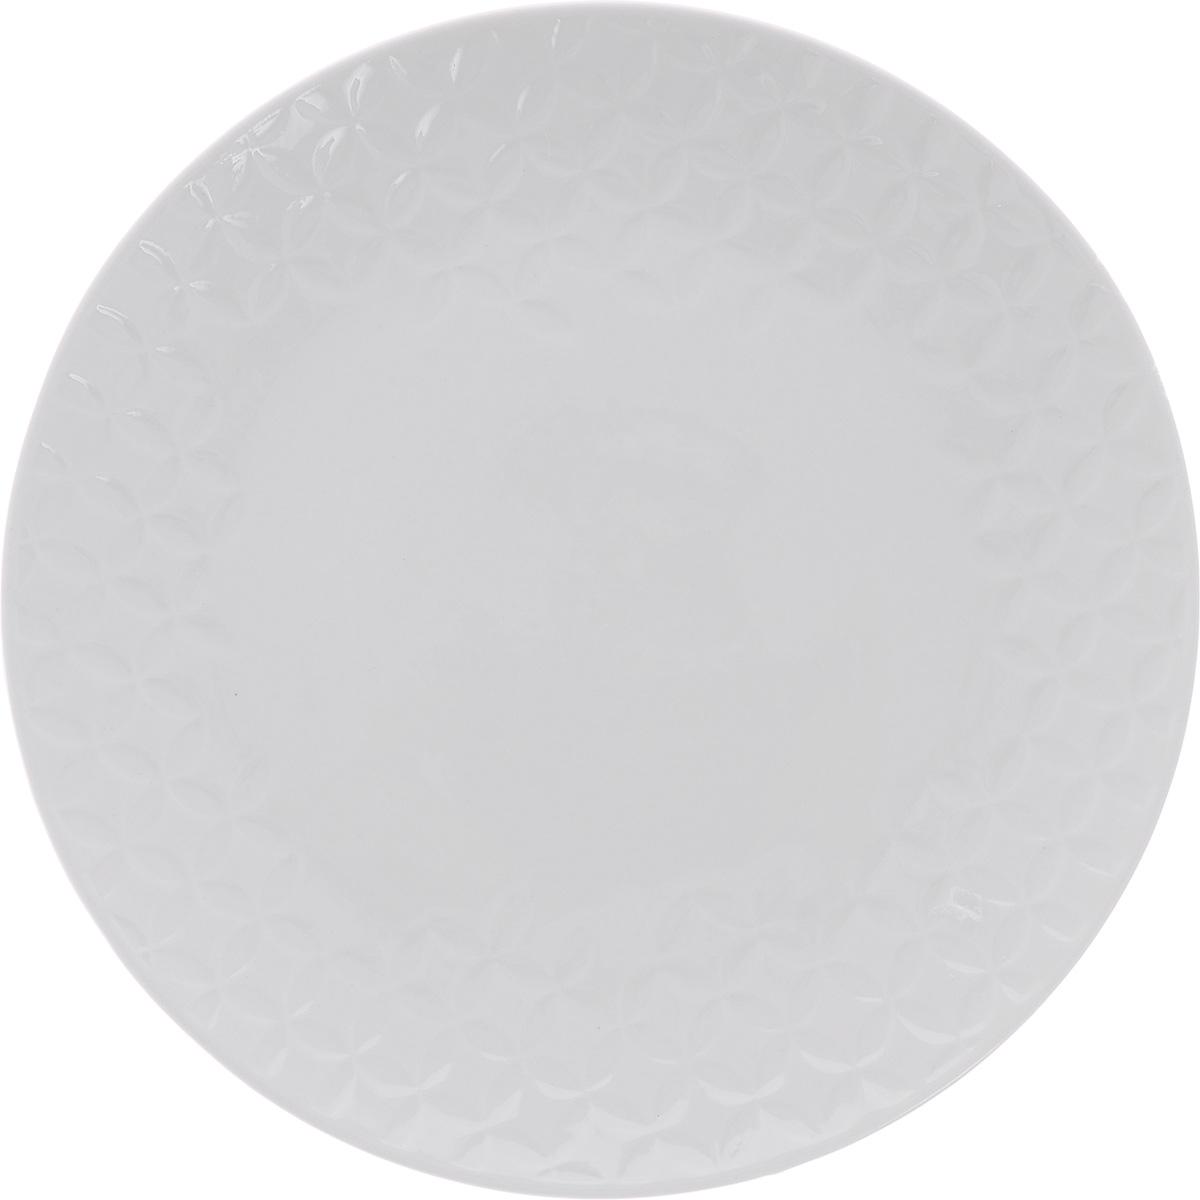 Тарелка десертная Walmer Quincy, цвет: белый, диаметр 21 см115510Десертная тарелка Walmer Quincy выполнена из высококачественного фарфора. Изящный дизайн придется по вкусу и ценителям классики, и тем, кто предпочитает утонченность. Тарелка Walmer Quincy, идеально подойдет для сервировки стола и станет отличным подарком к любому празднику.Можно использовать в микроволновой печи и мыть в посудомоечных машинах.